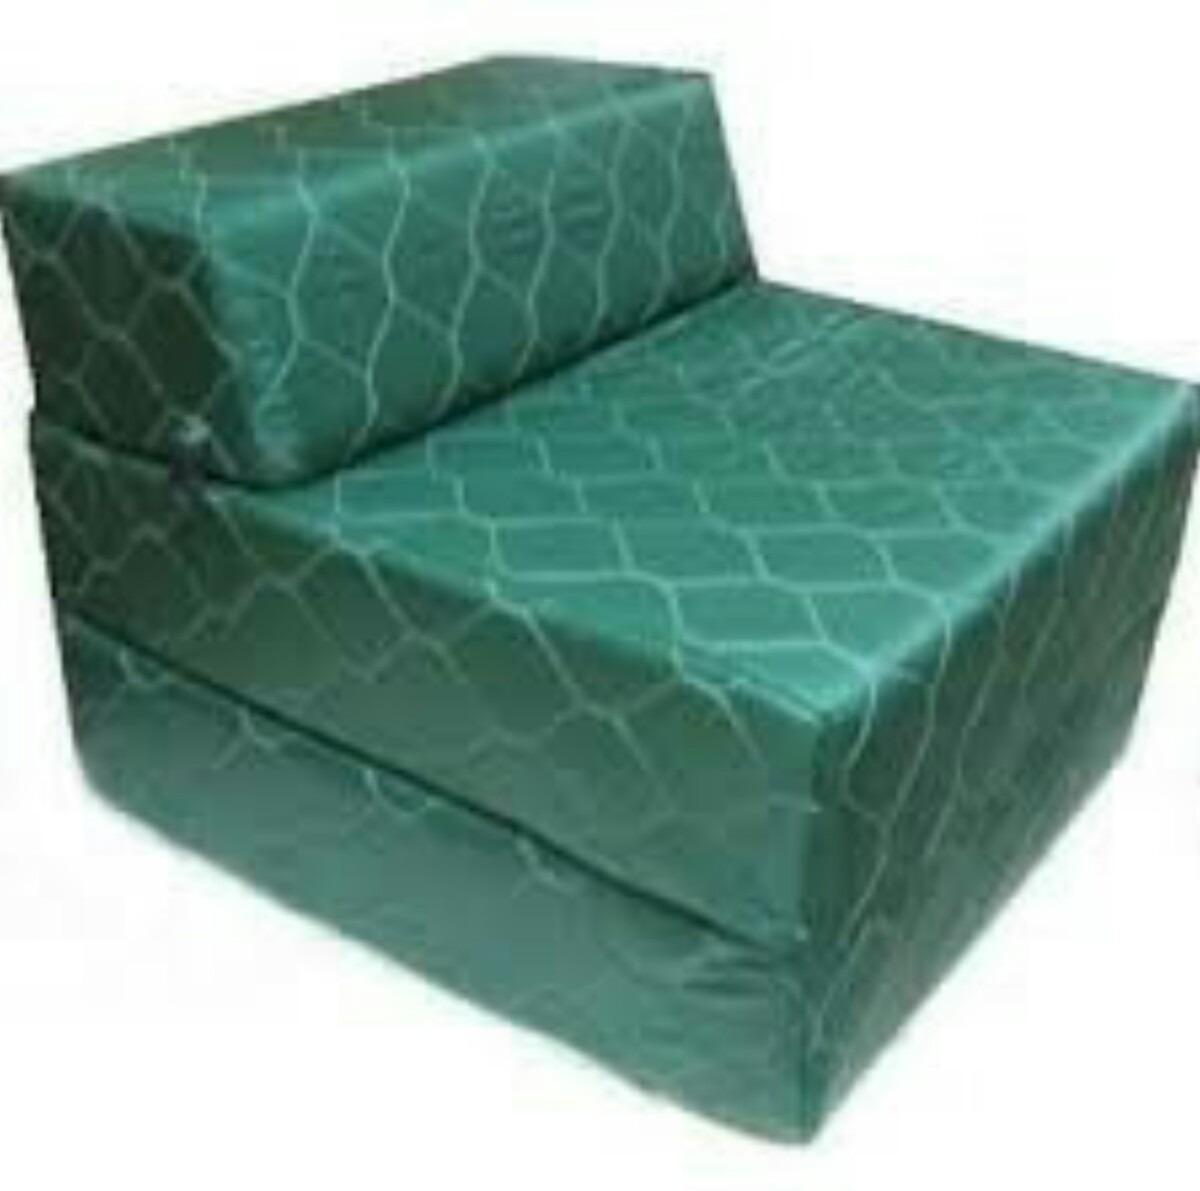 sofa cama mercado libre venezuela baldwin collection paradise bs 650 500 00 en